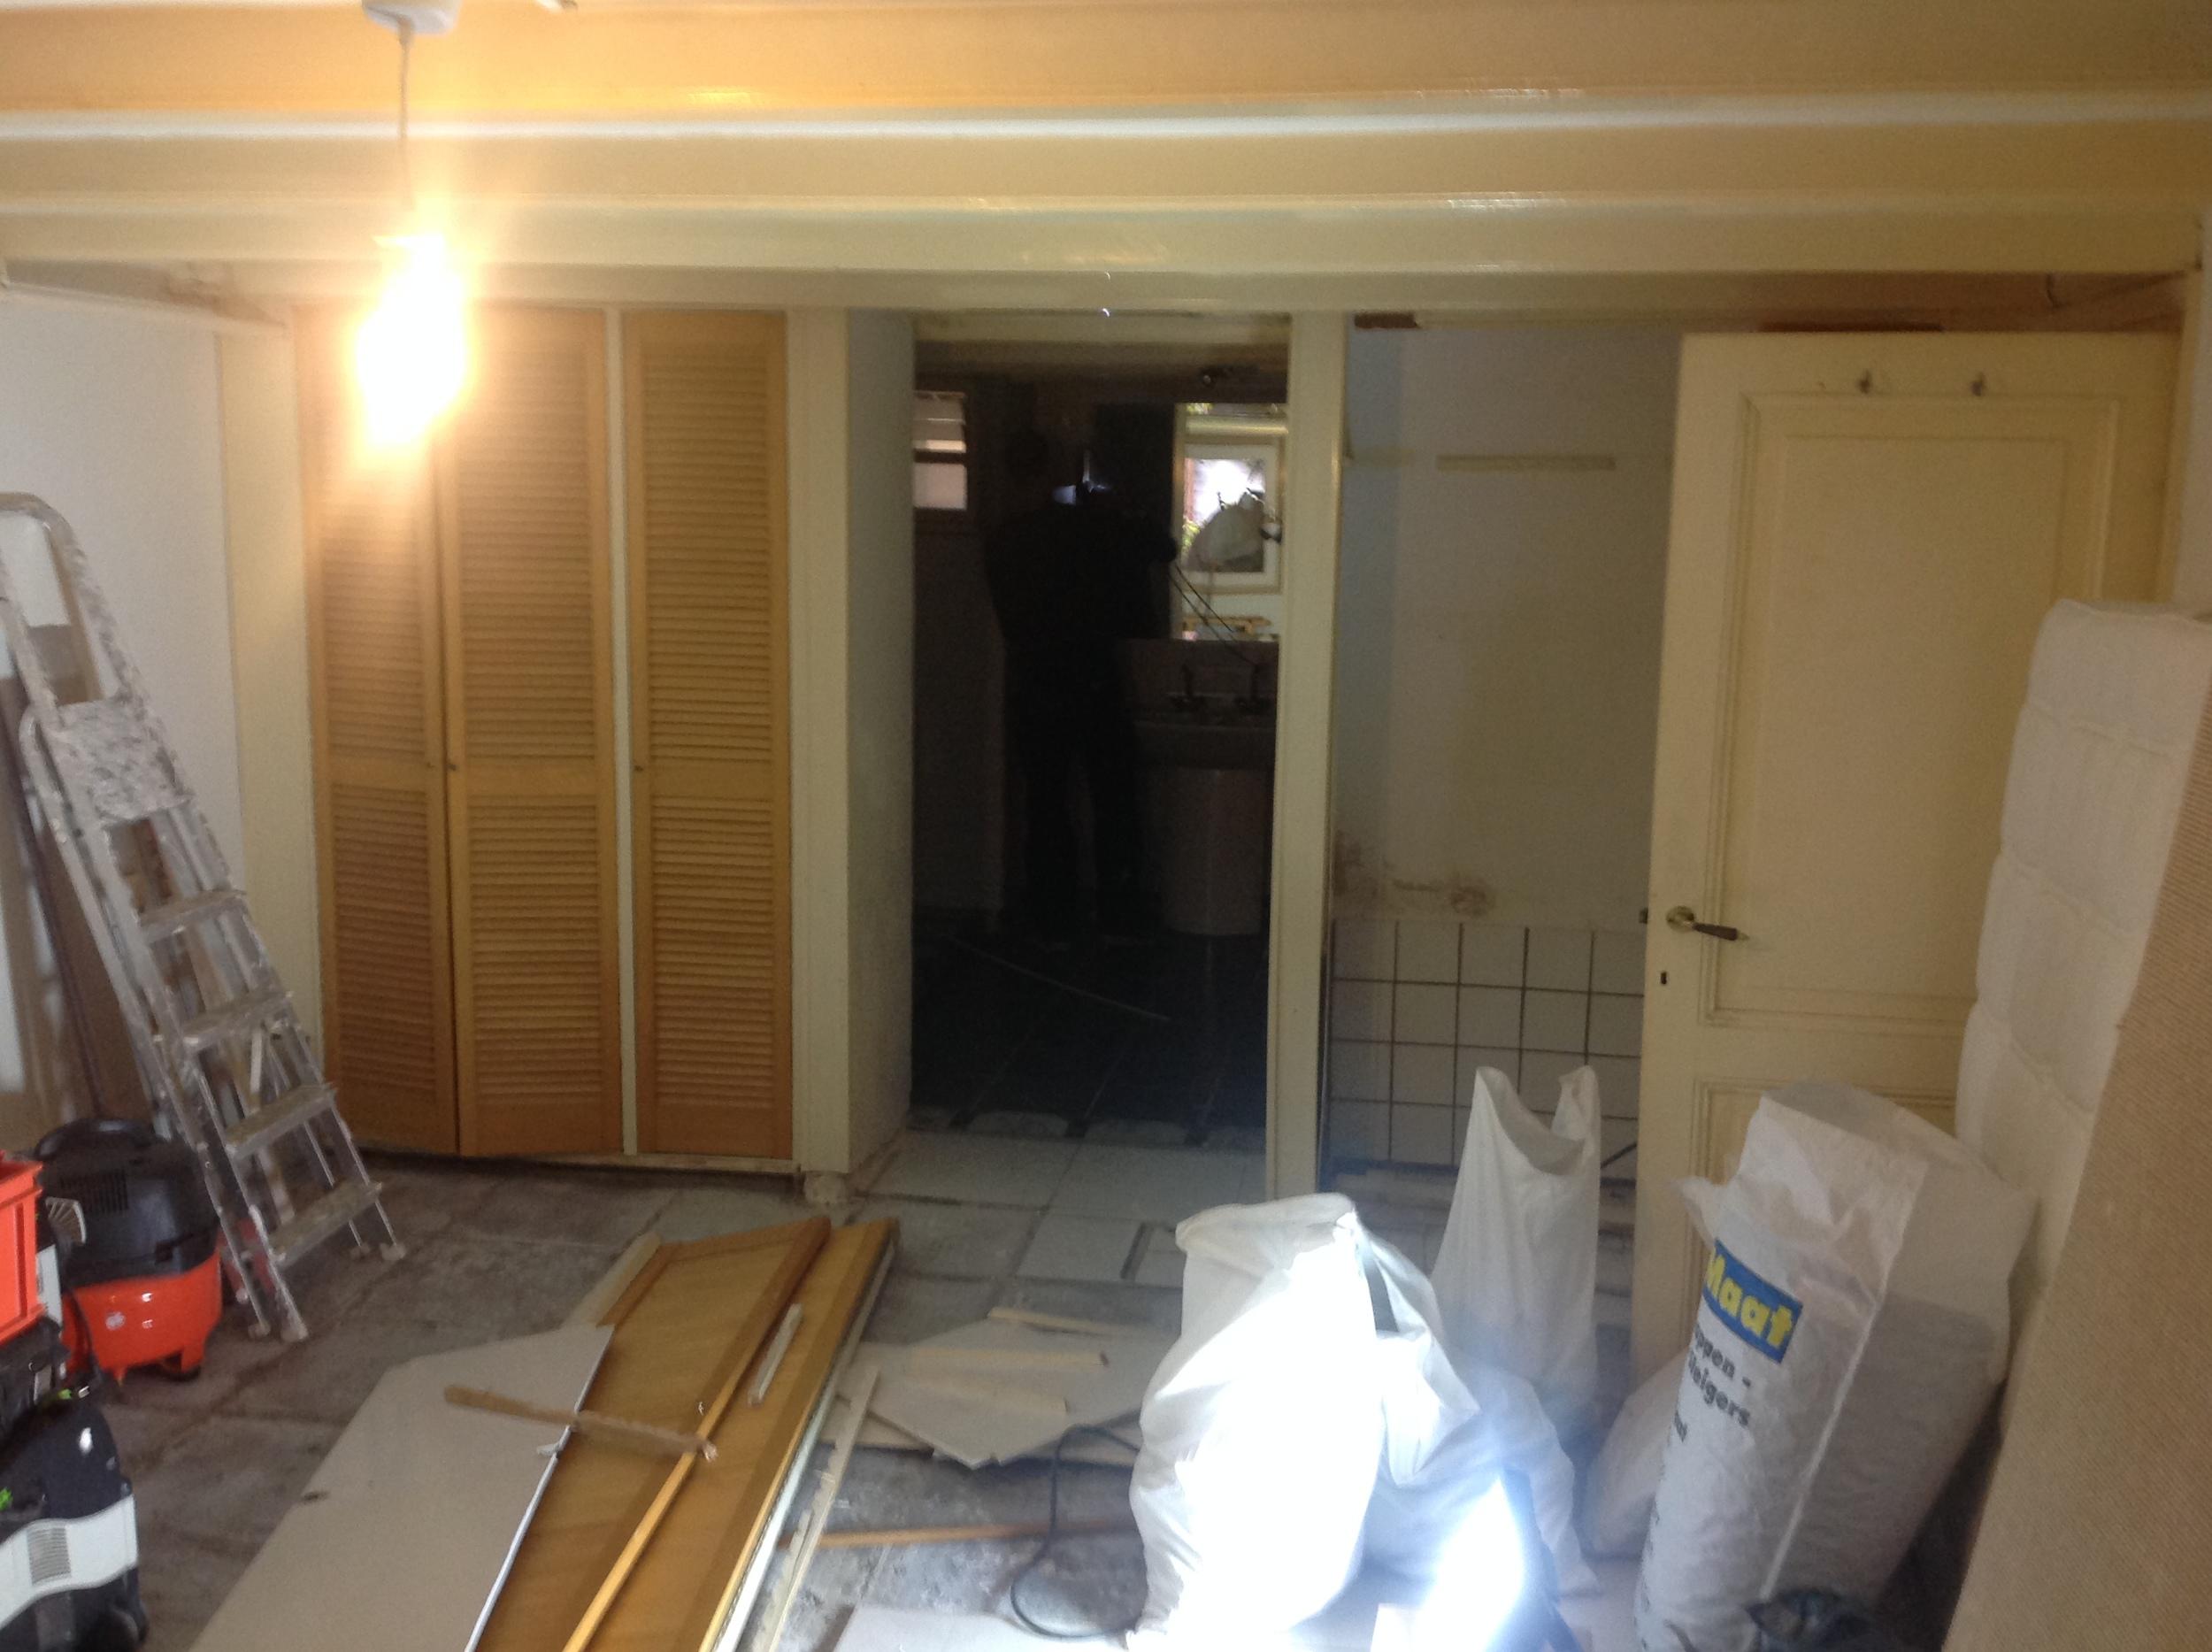 Achterkamer, vóór de verbouwing